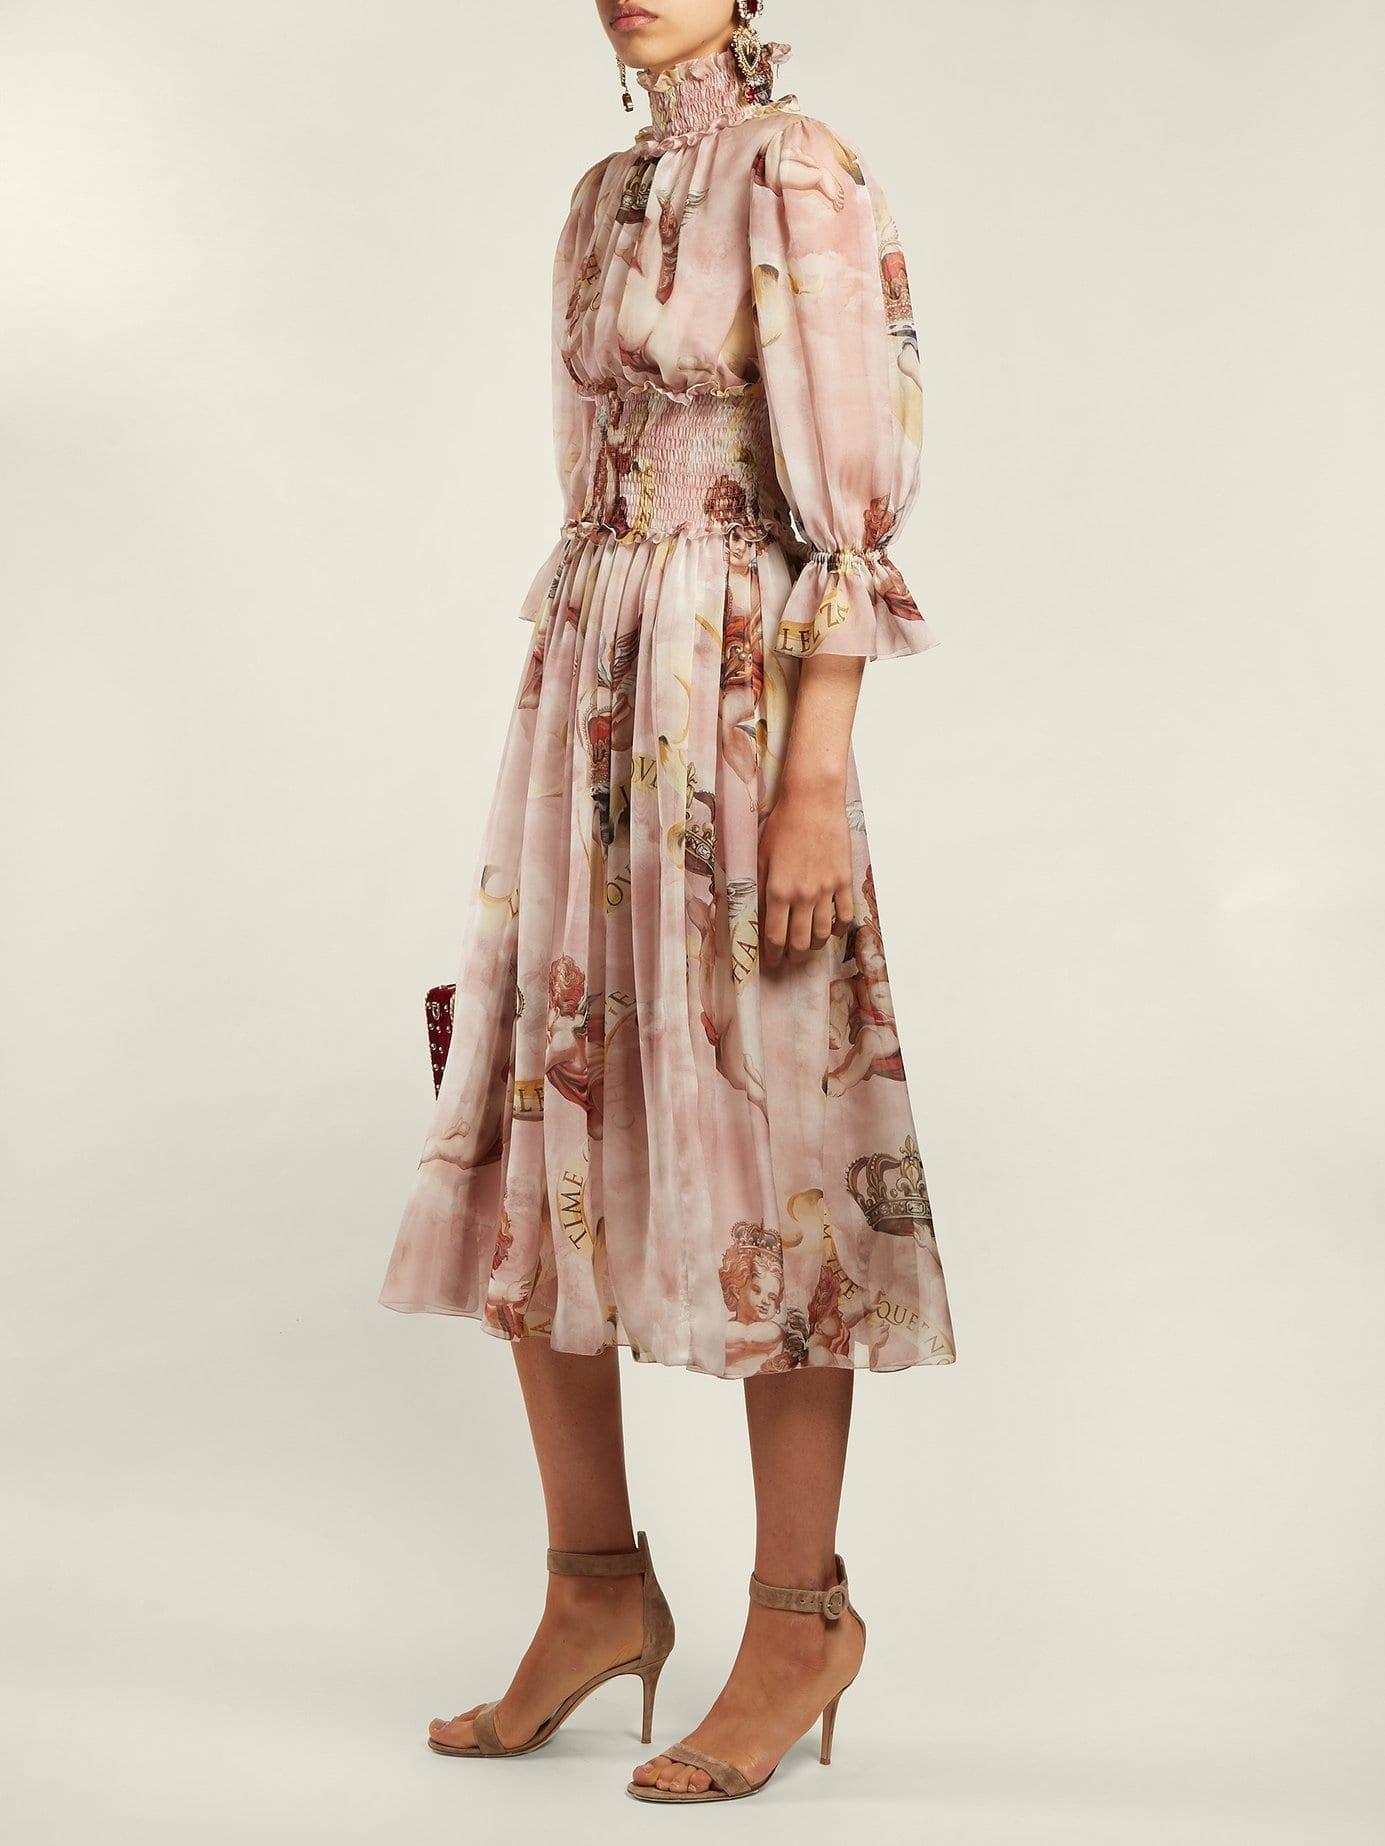 f8f4ded3a8f1 DOLCE & GABBANA Cherub Print Silk Light Pink Dress - We Select Dresses